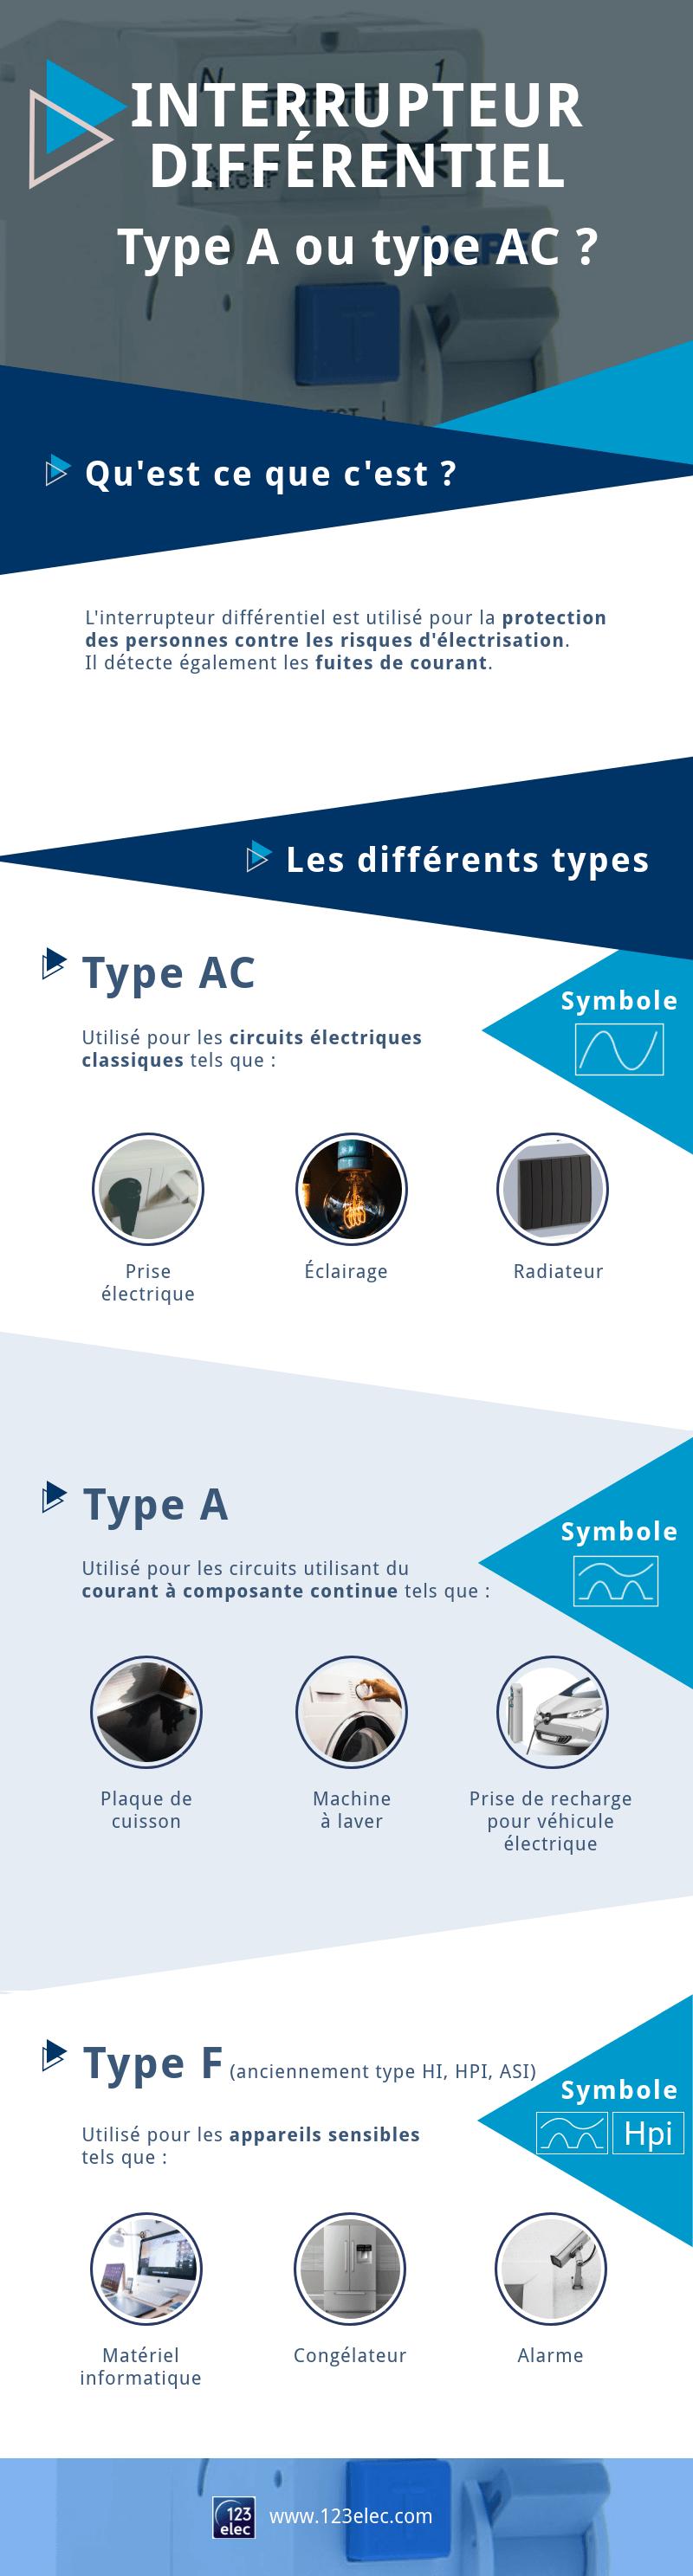 Infographie sur l'interrupteur différentiel